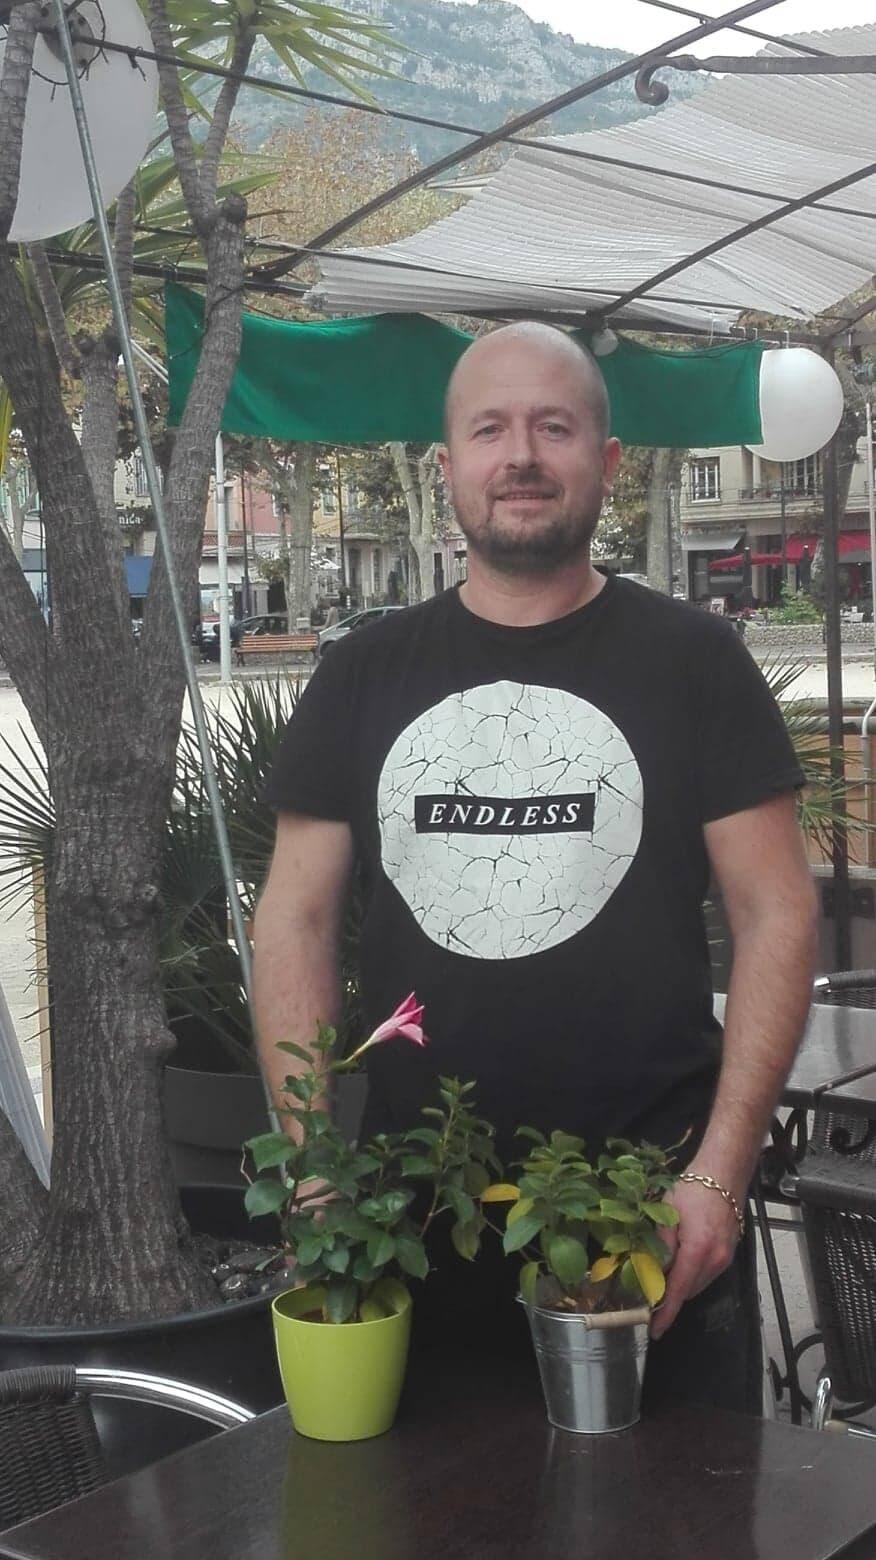 Aliocha Carion, restaurateur de place du Grand-Jardin a lancé la pétition « #nuits du sud 4 ever».   (S. L)